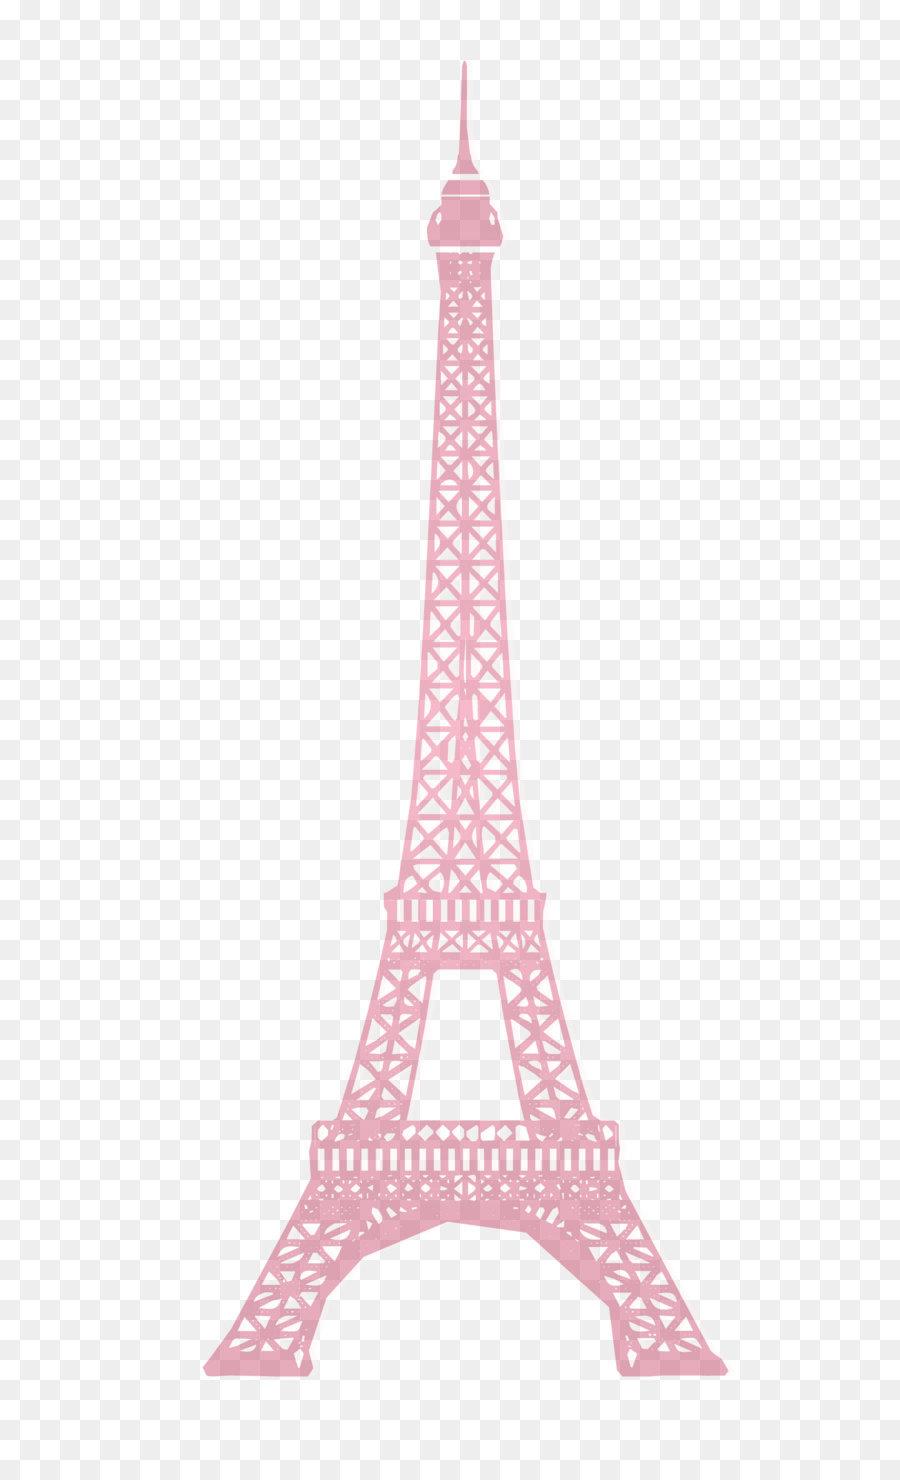 Torre Livro Para Colorir Desenho Png Transparente Gratis